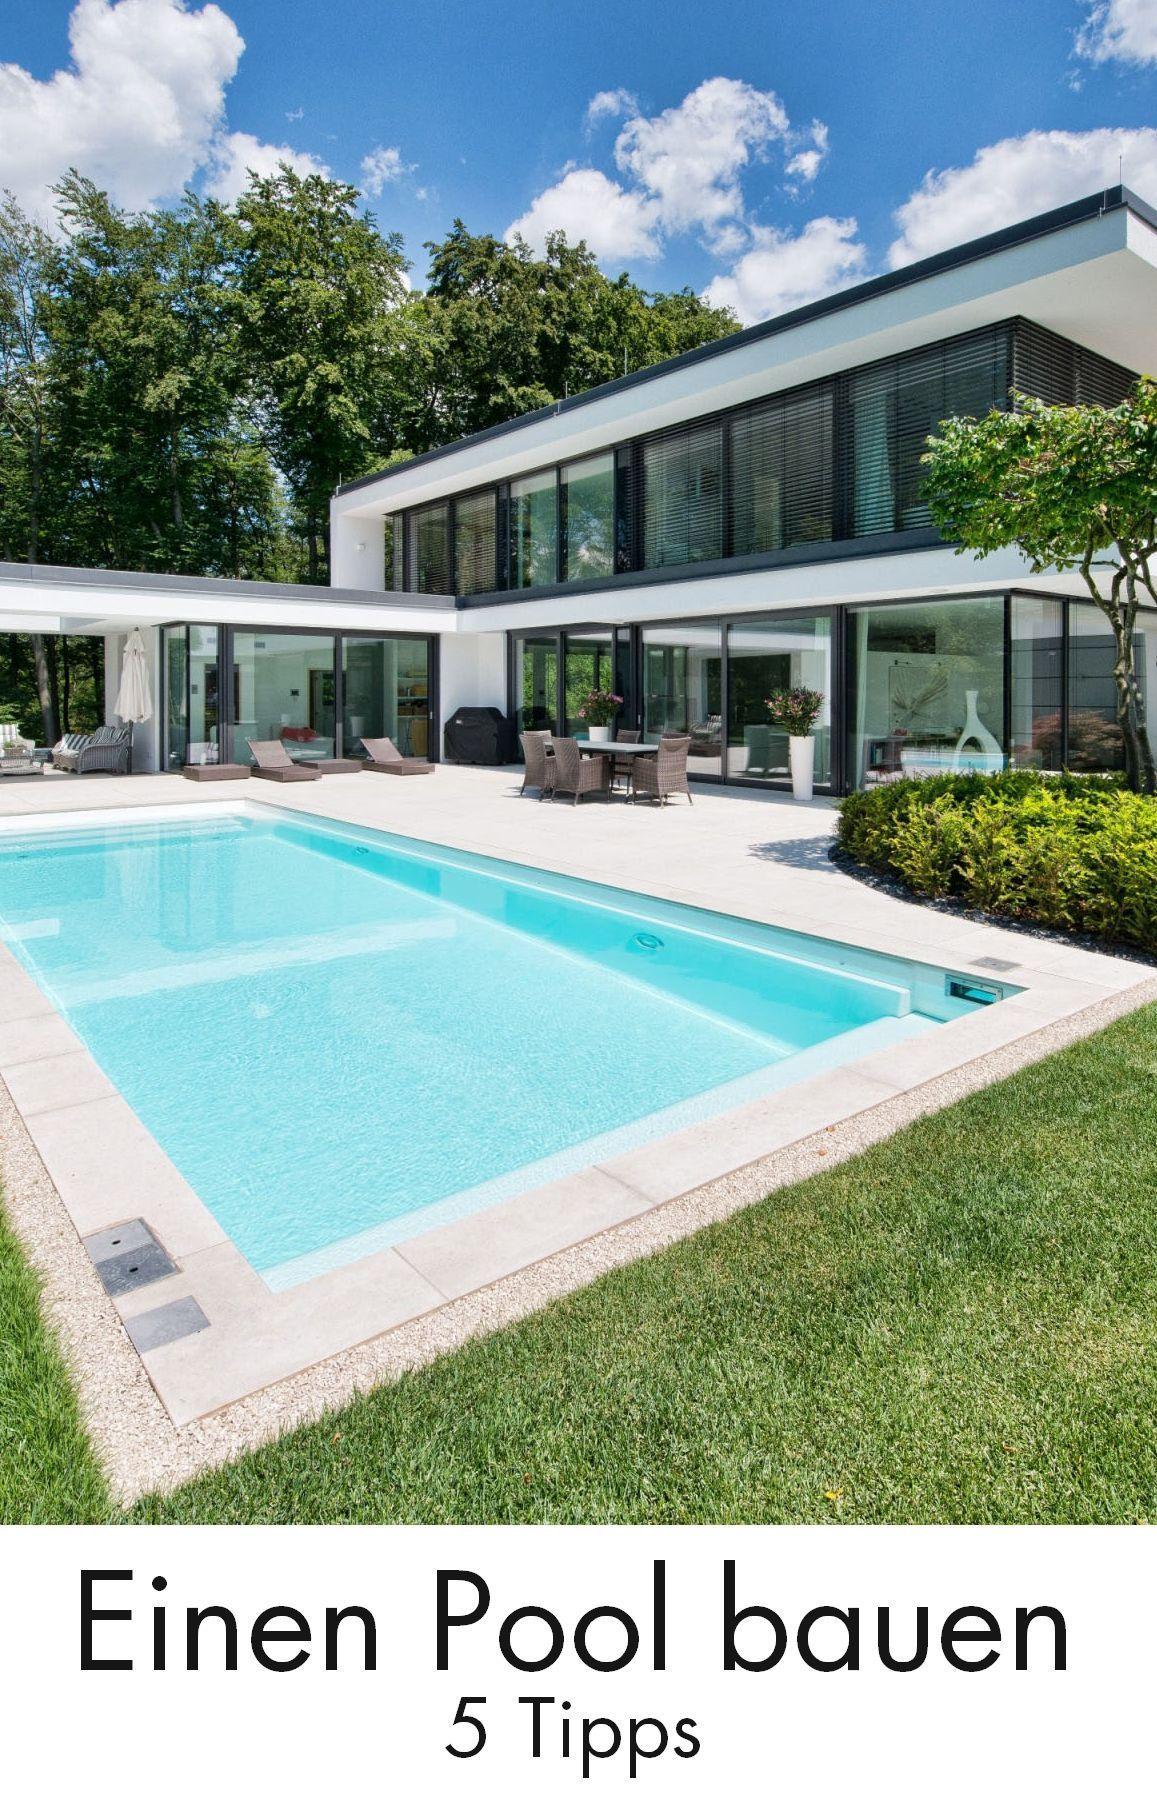 viele hausbesitzer träumen von einem eigenen pool im garten. einen